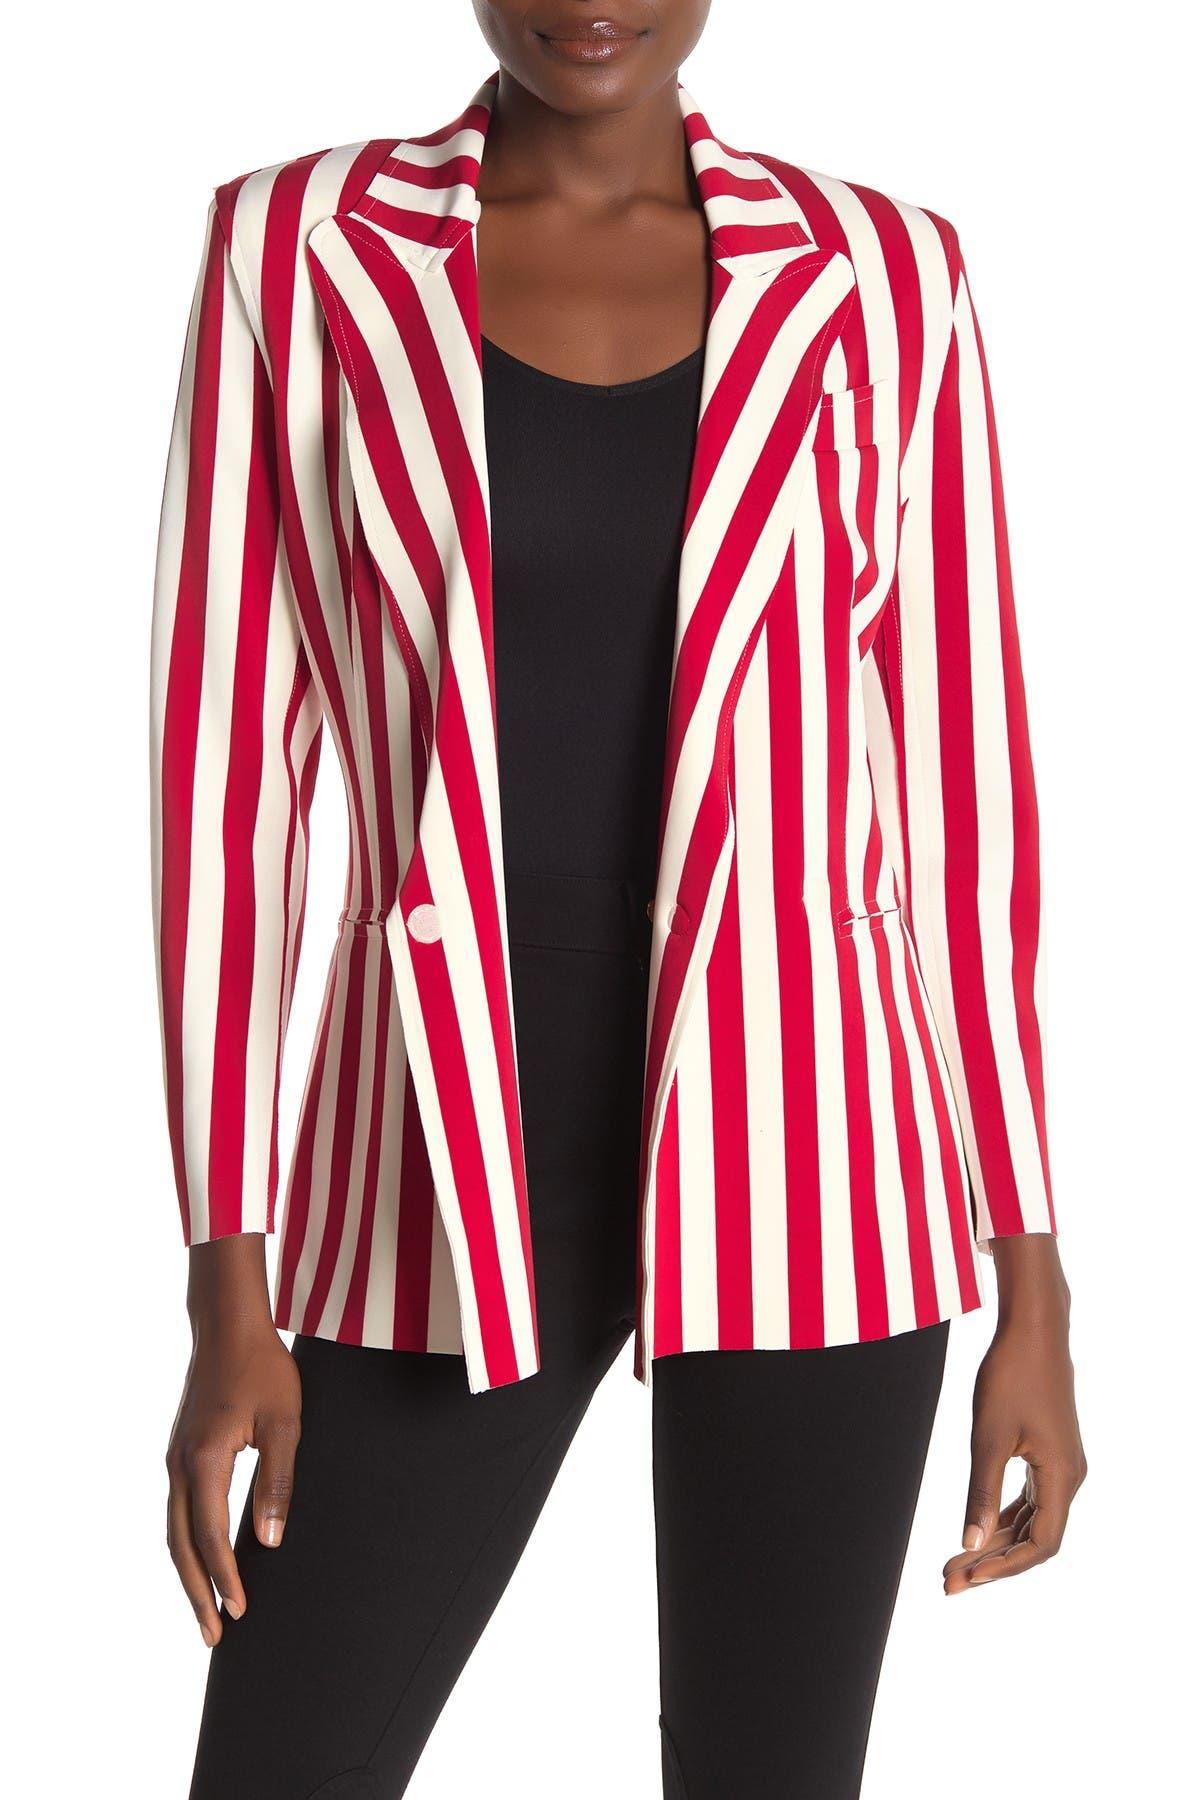 Image of Norma Kamali Stripe Double Breasted Jacket